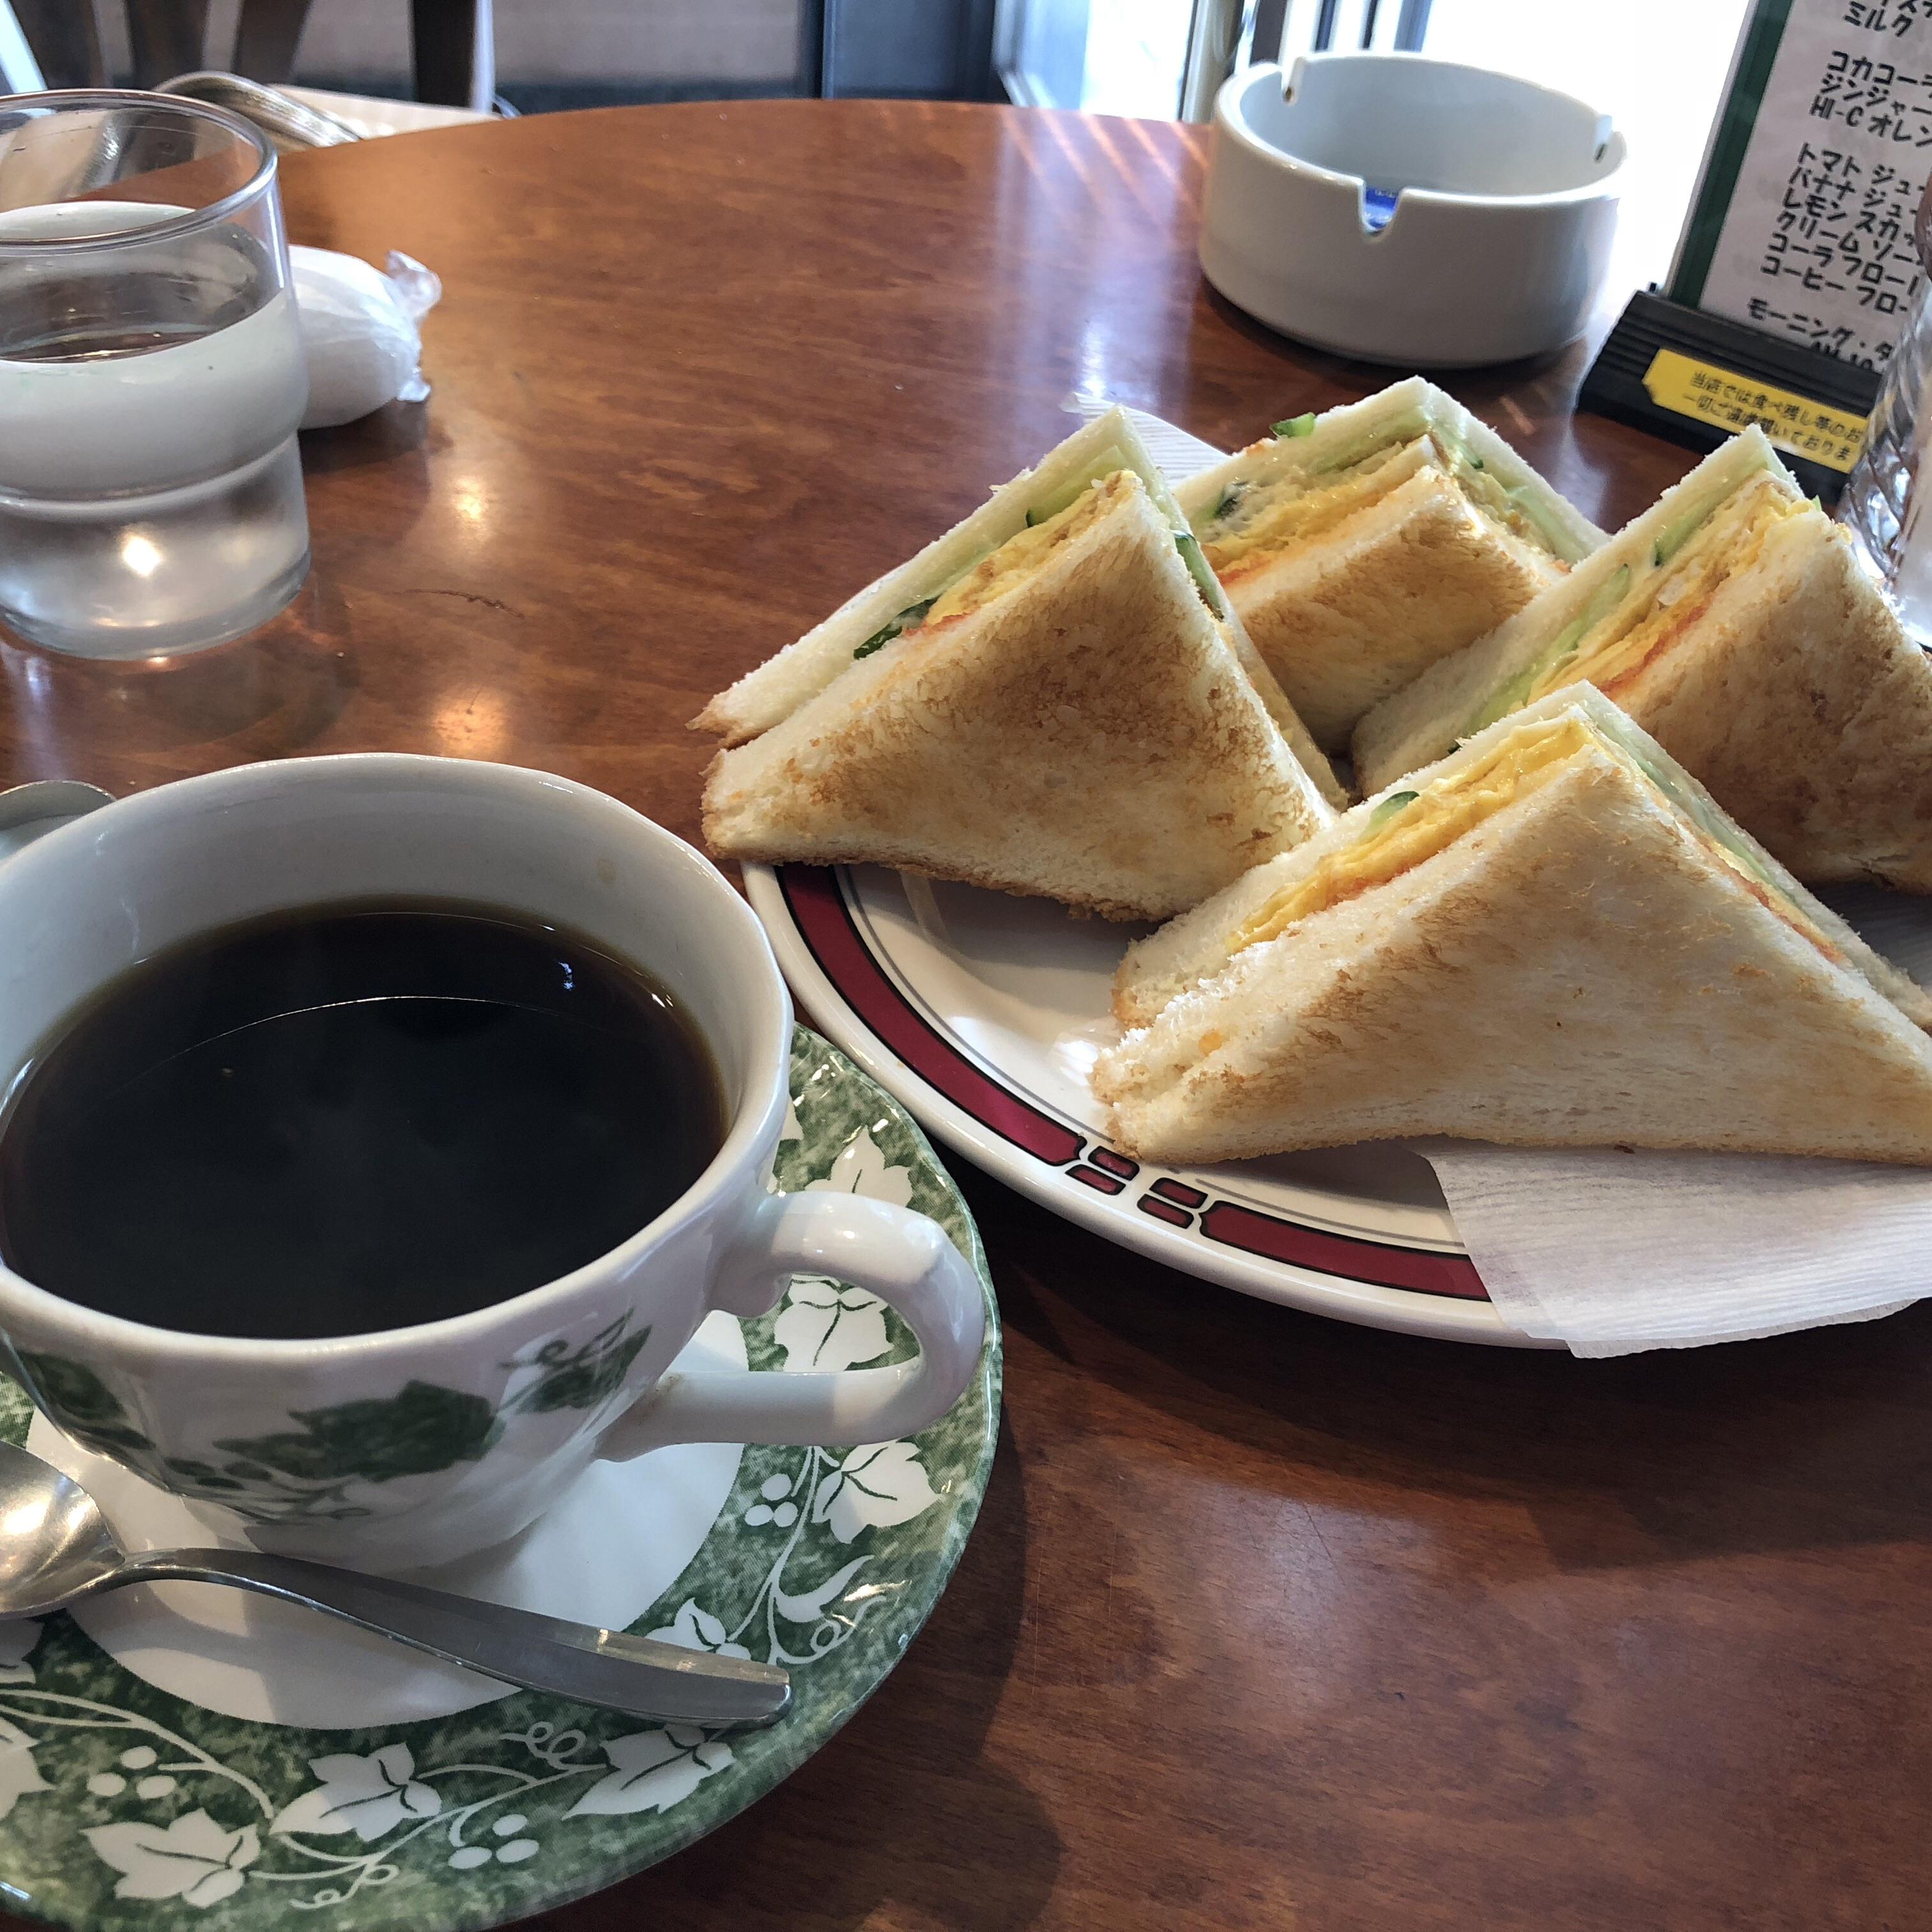 愛知県名古屋市のおすすめモーニング ドリンク一杯でサンドイッチがサービスされるクックタウン